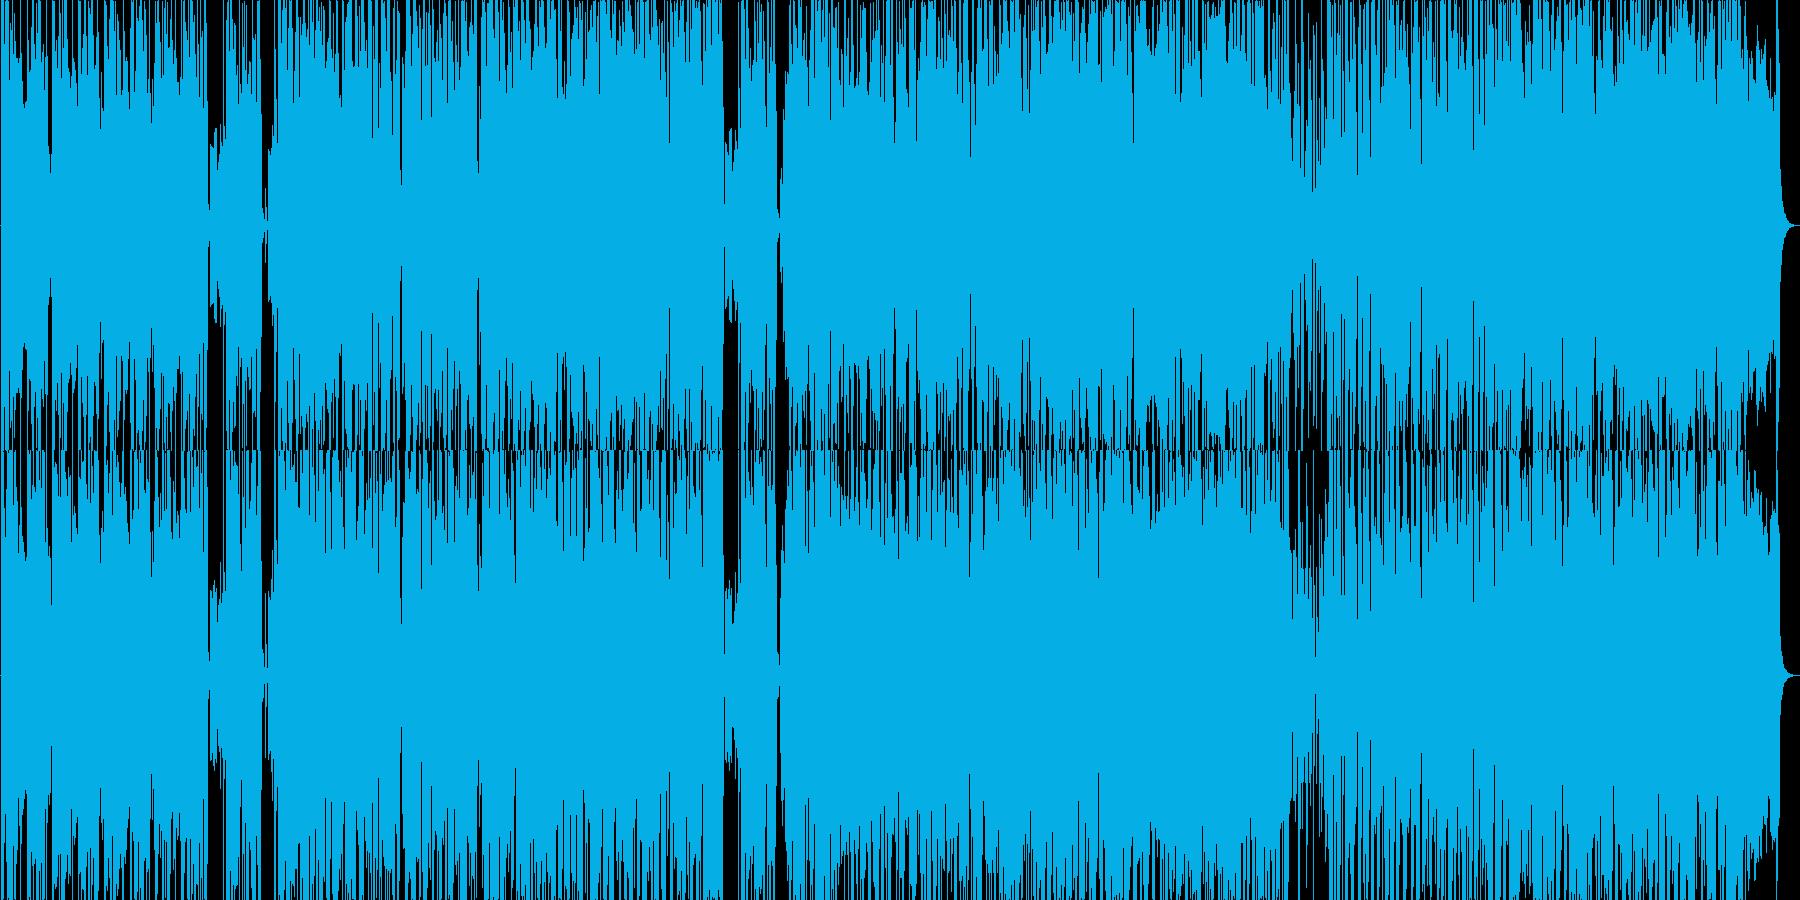 ファンキーな雰囲気のポップスの再生済みの波形